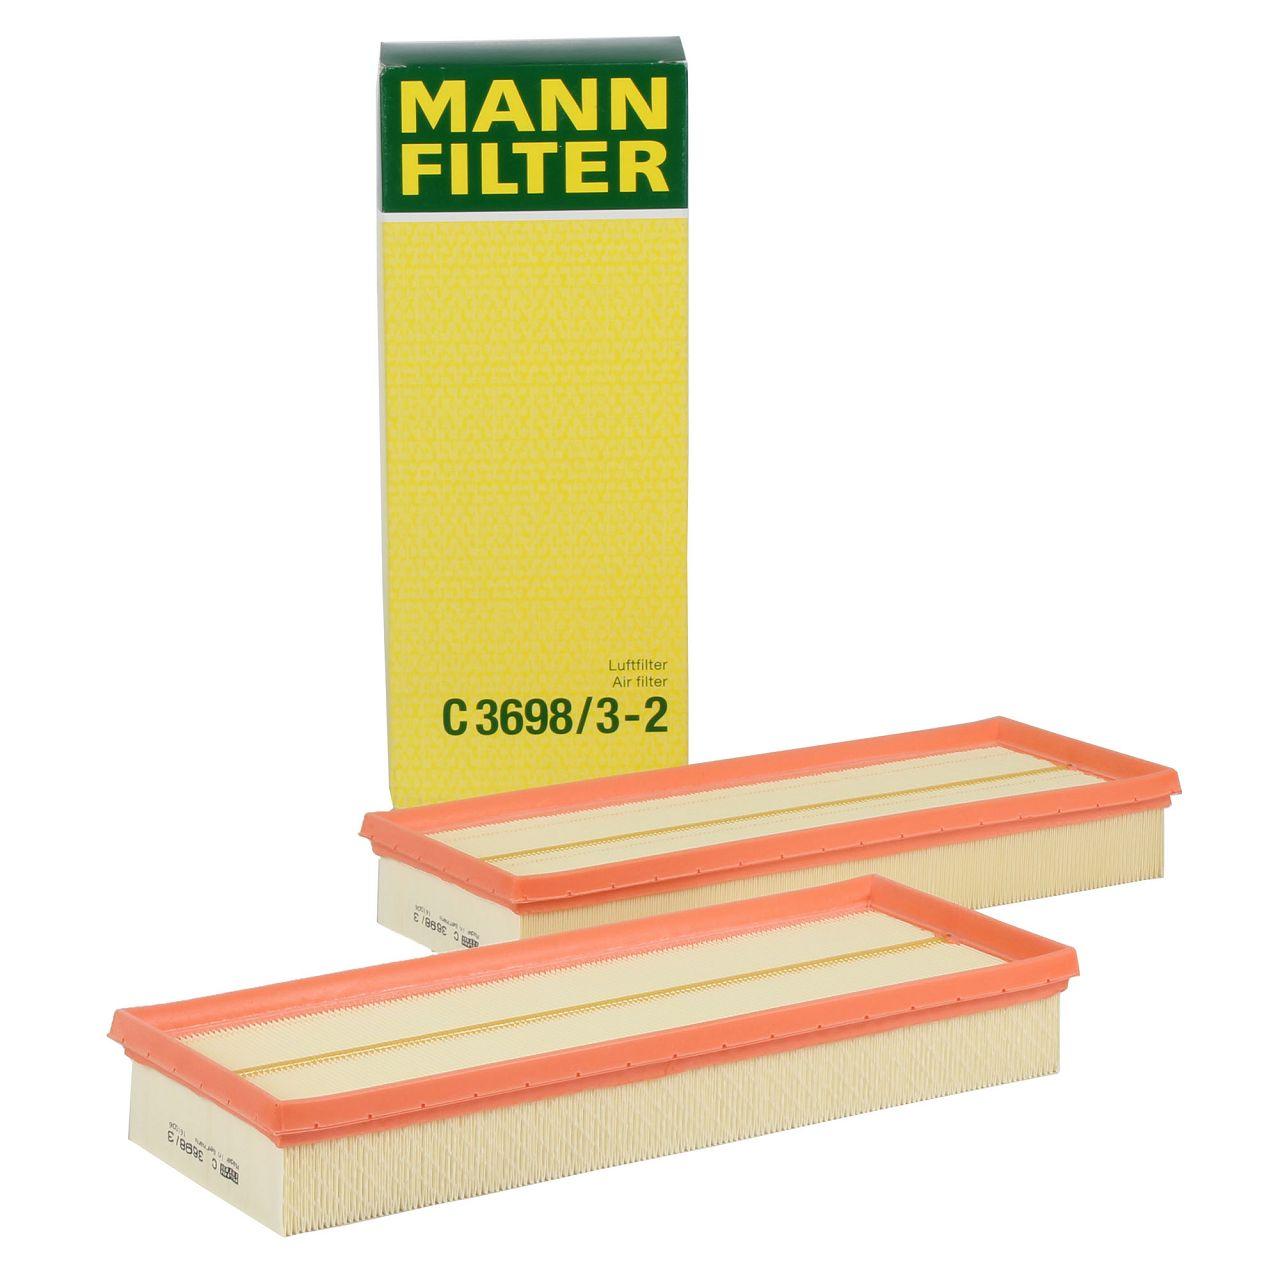 MANN Luftfilter C3698/3-2 MERCEDES W203 W204 C219 W211 W212 W463 X164 X204